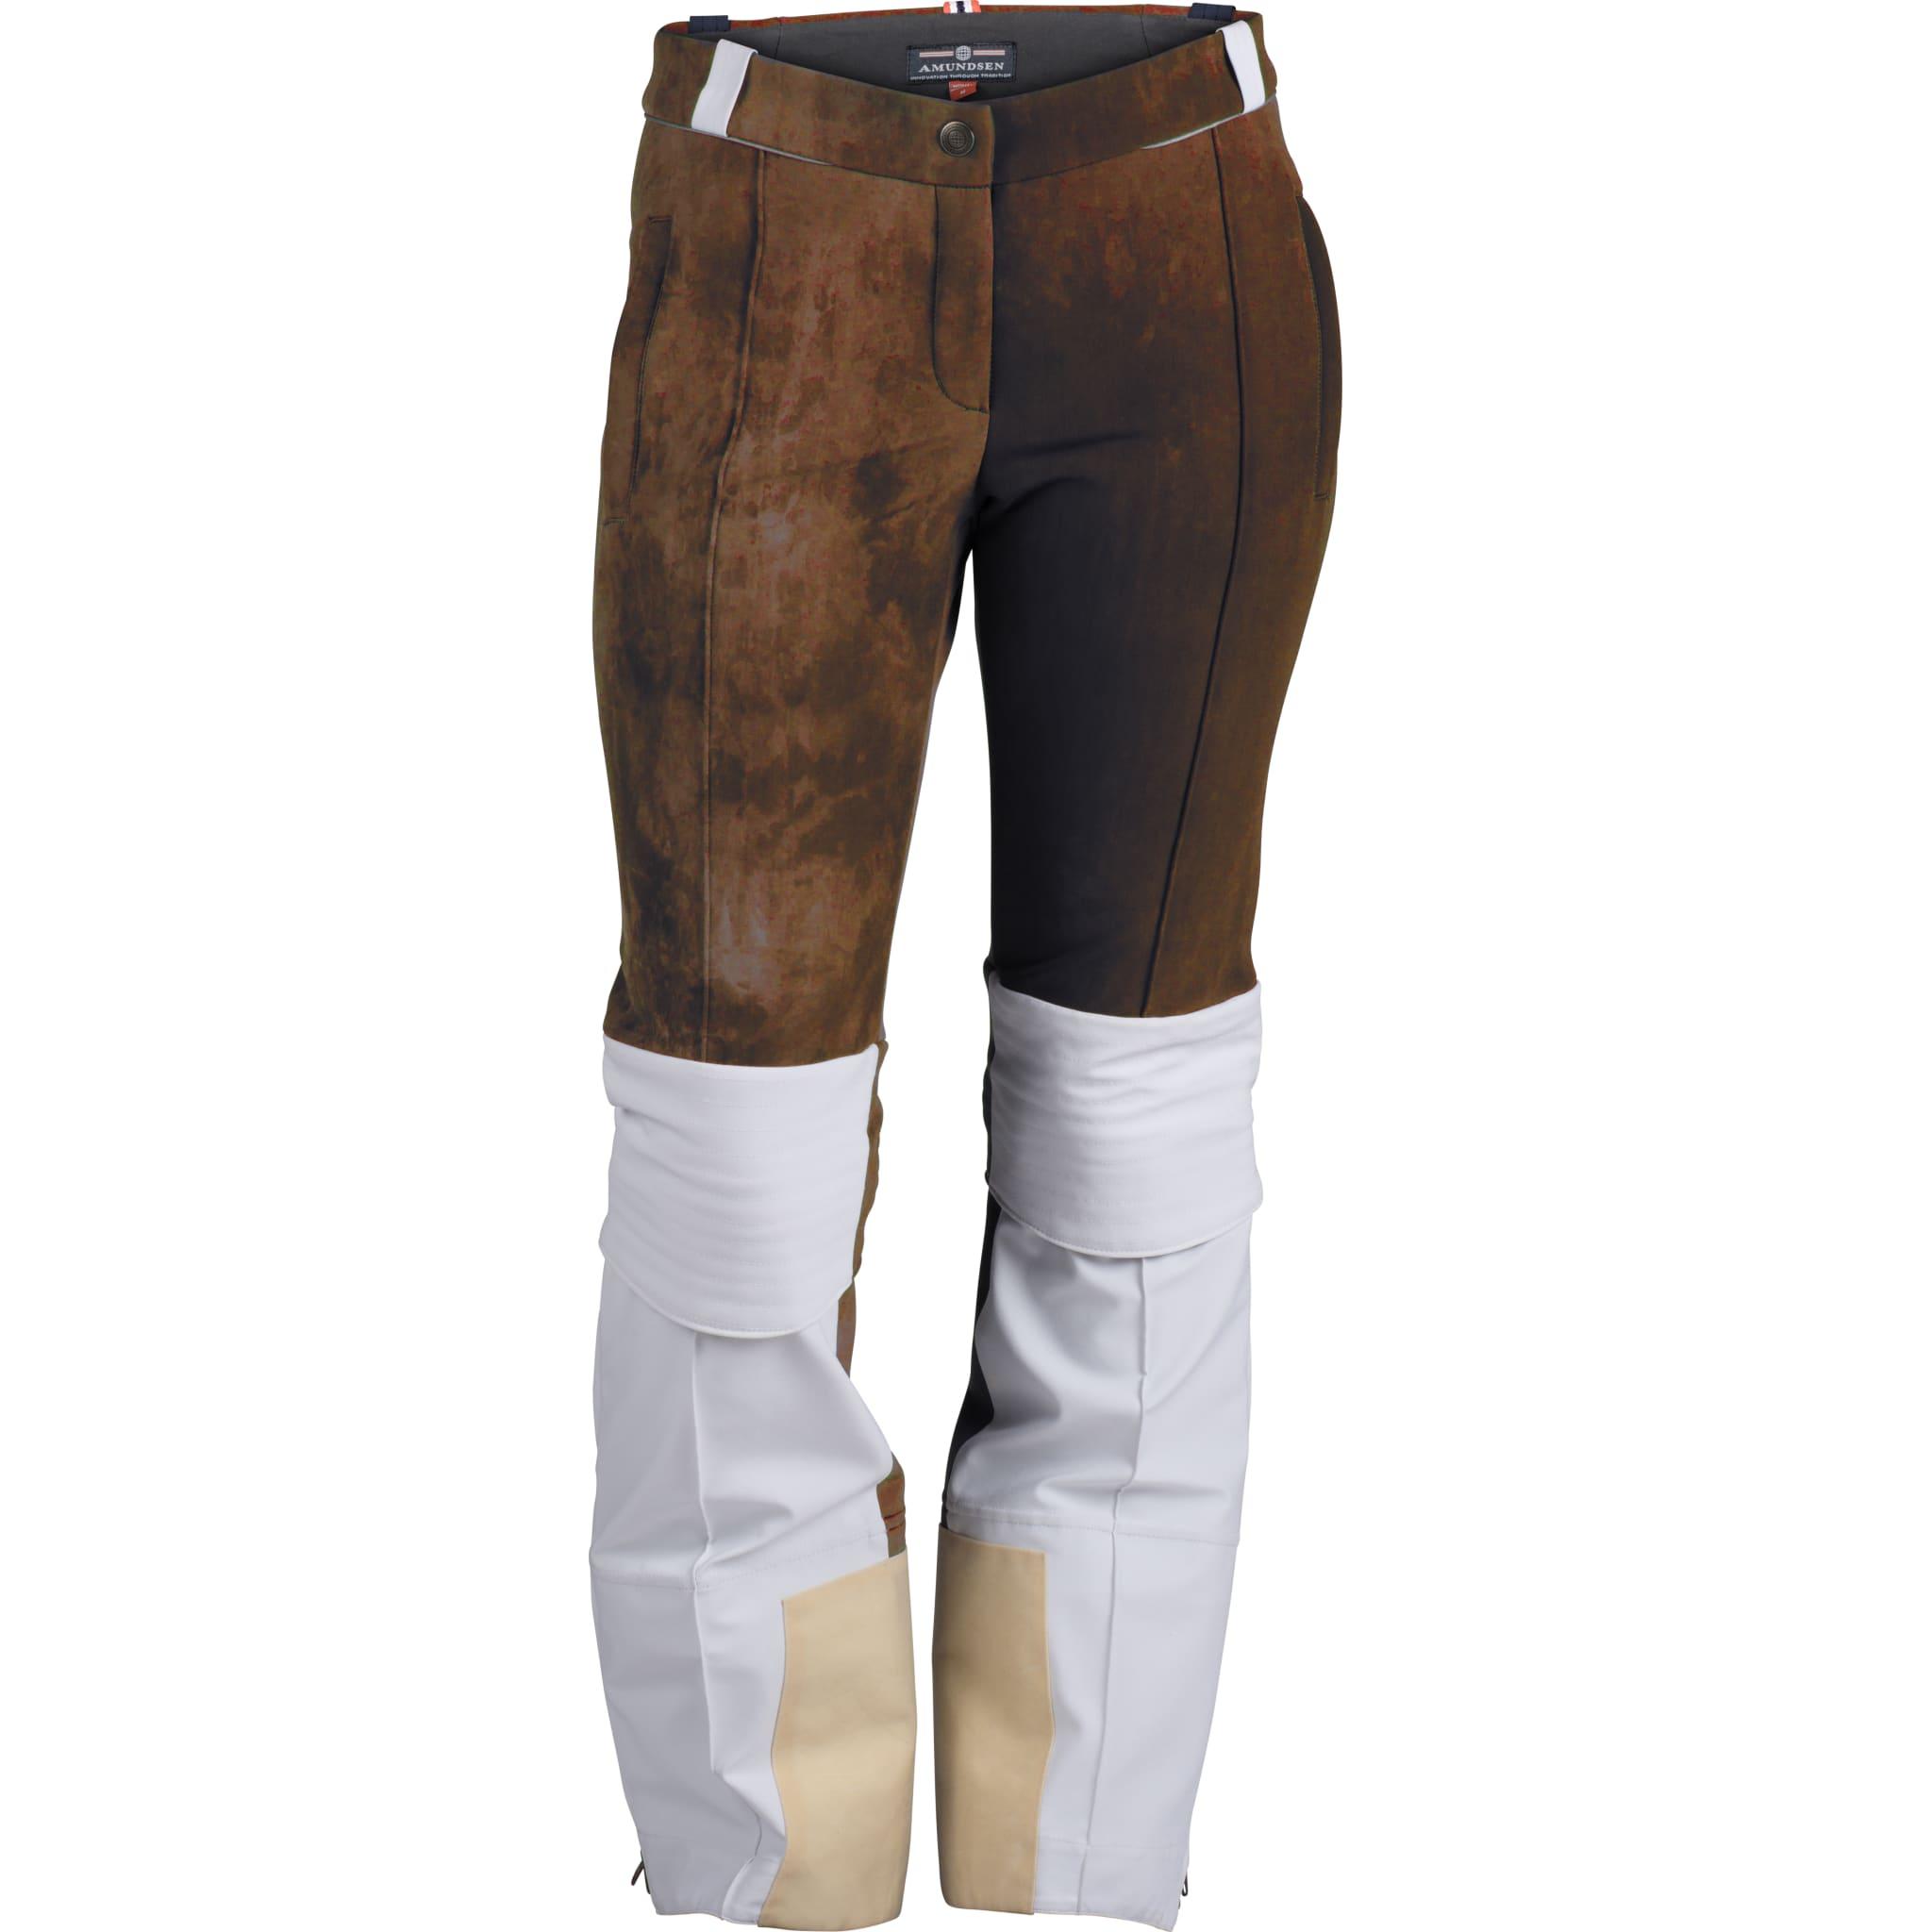 Nikkers og gamasj integrert med glidelås til en bukse